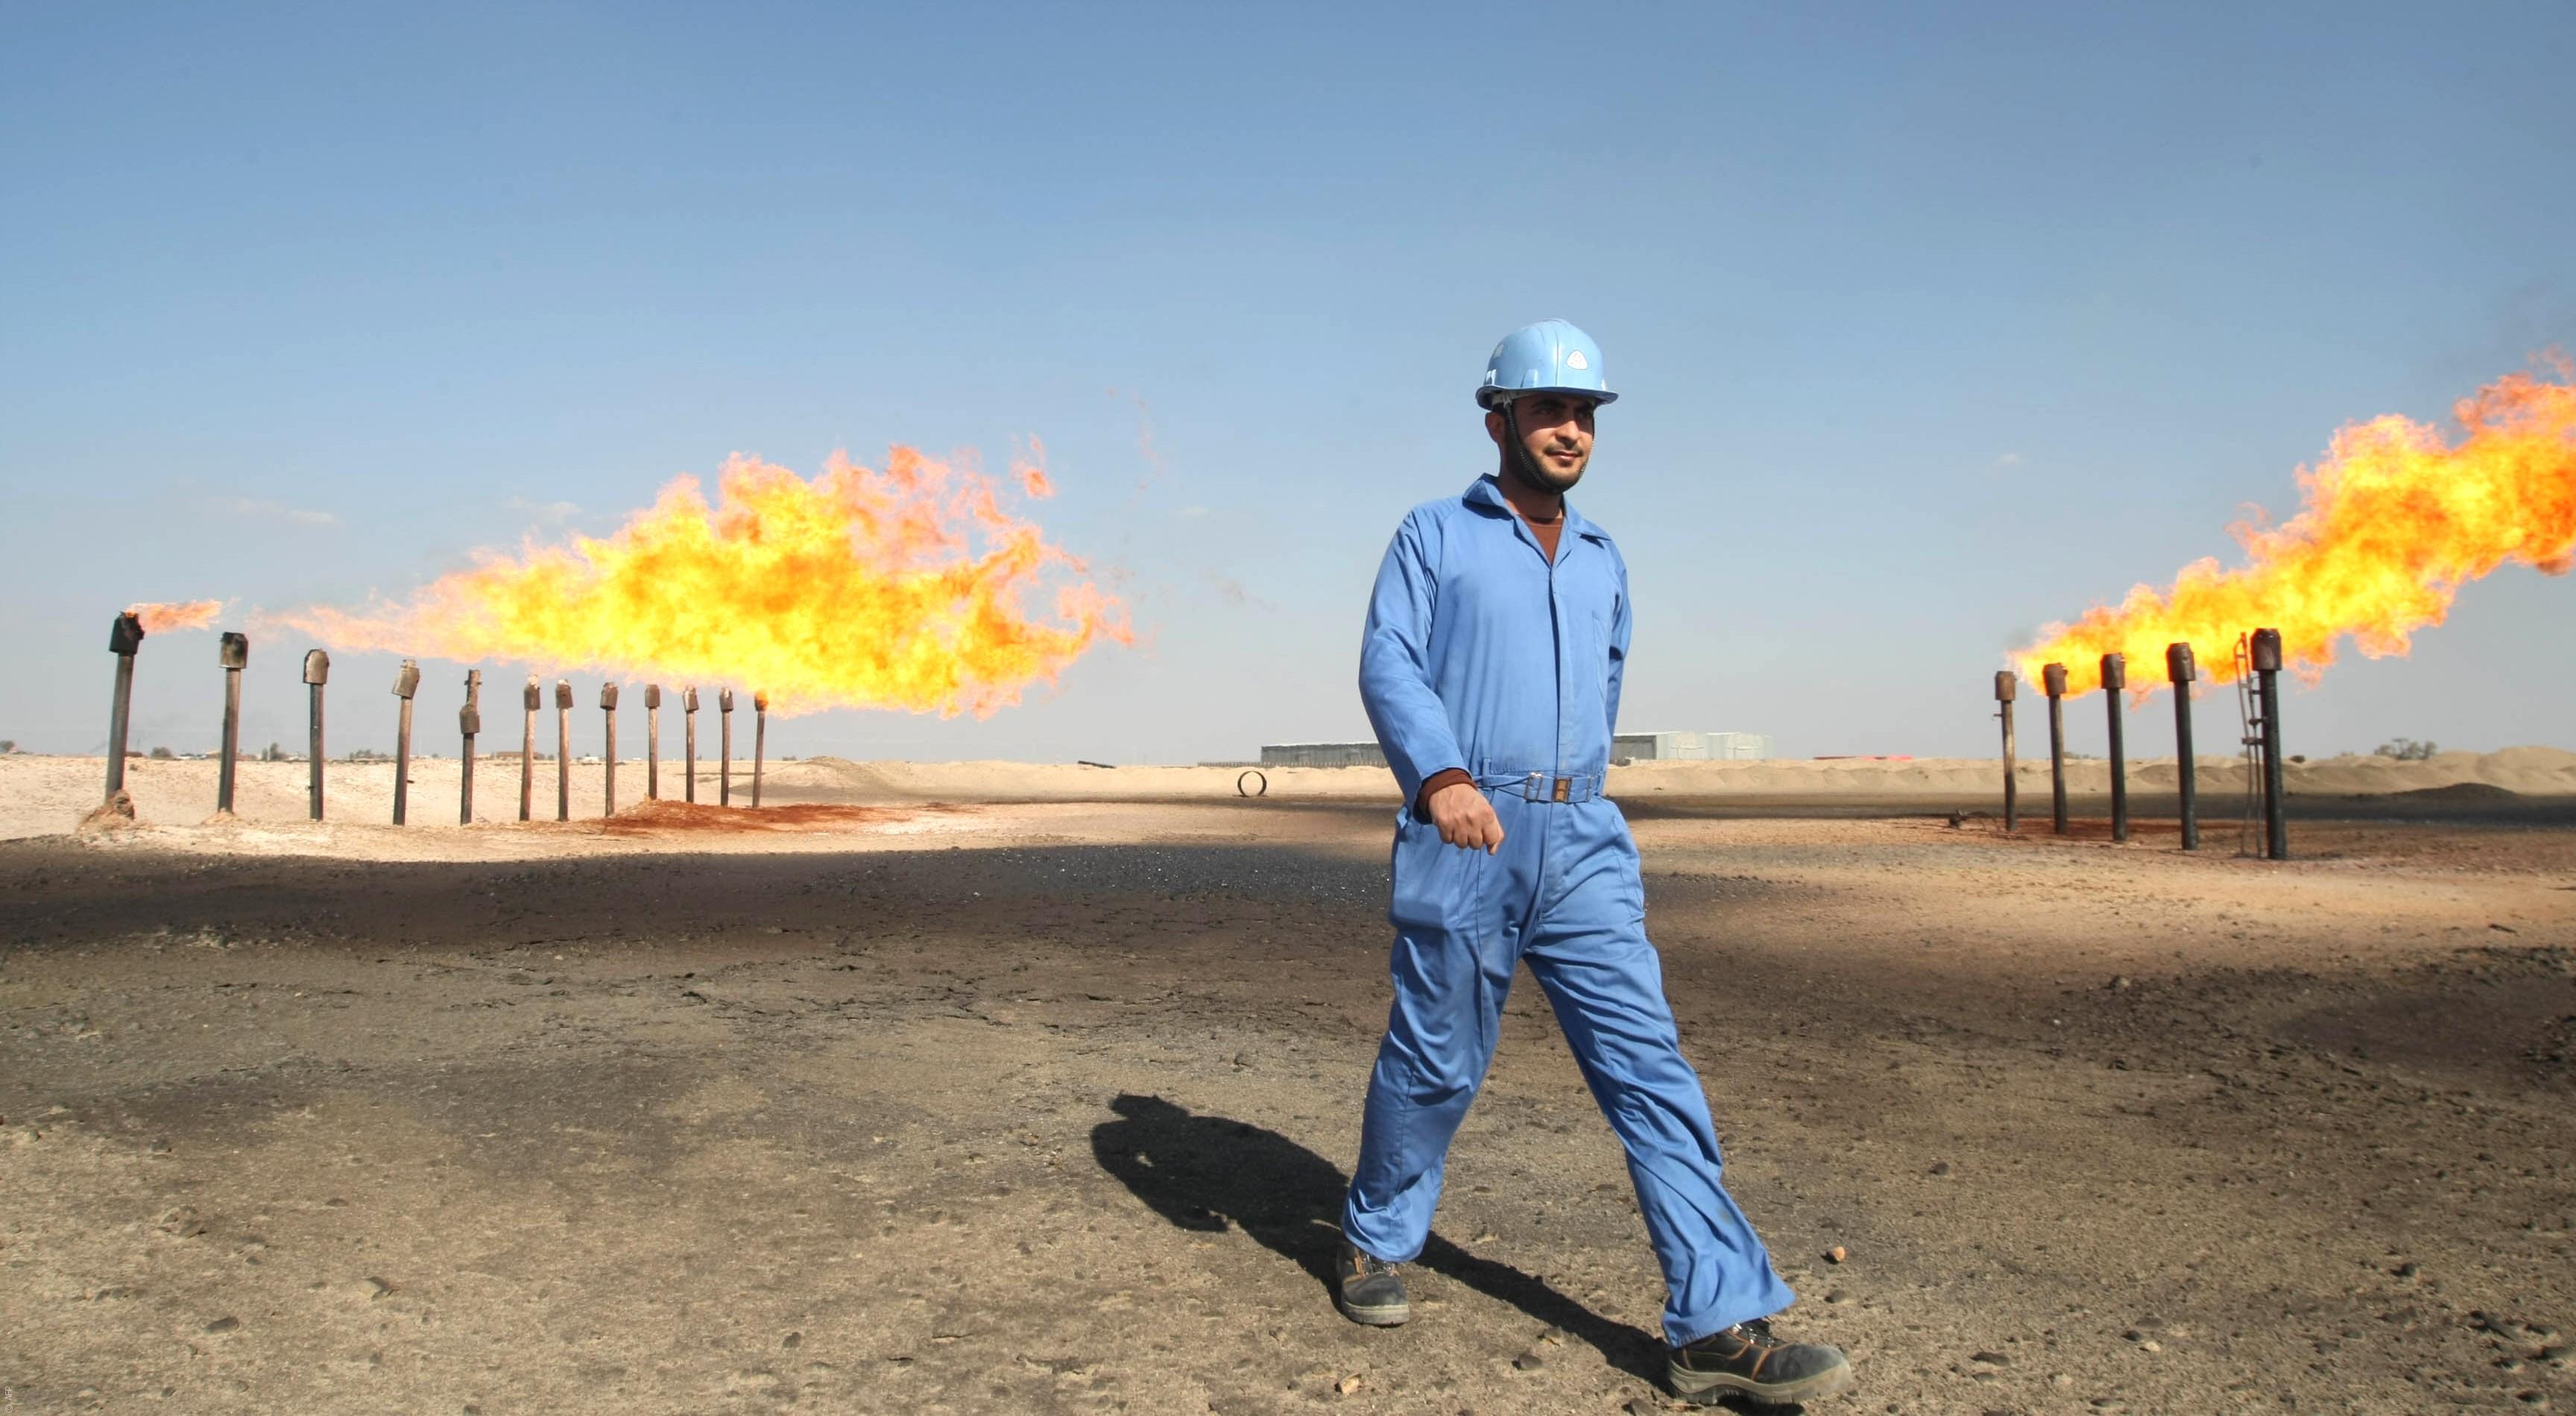 صورة لأحدى مصانع المواد البتروية في العراق